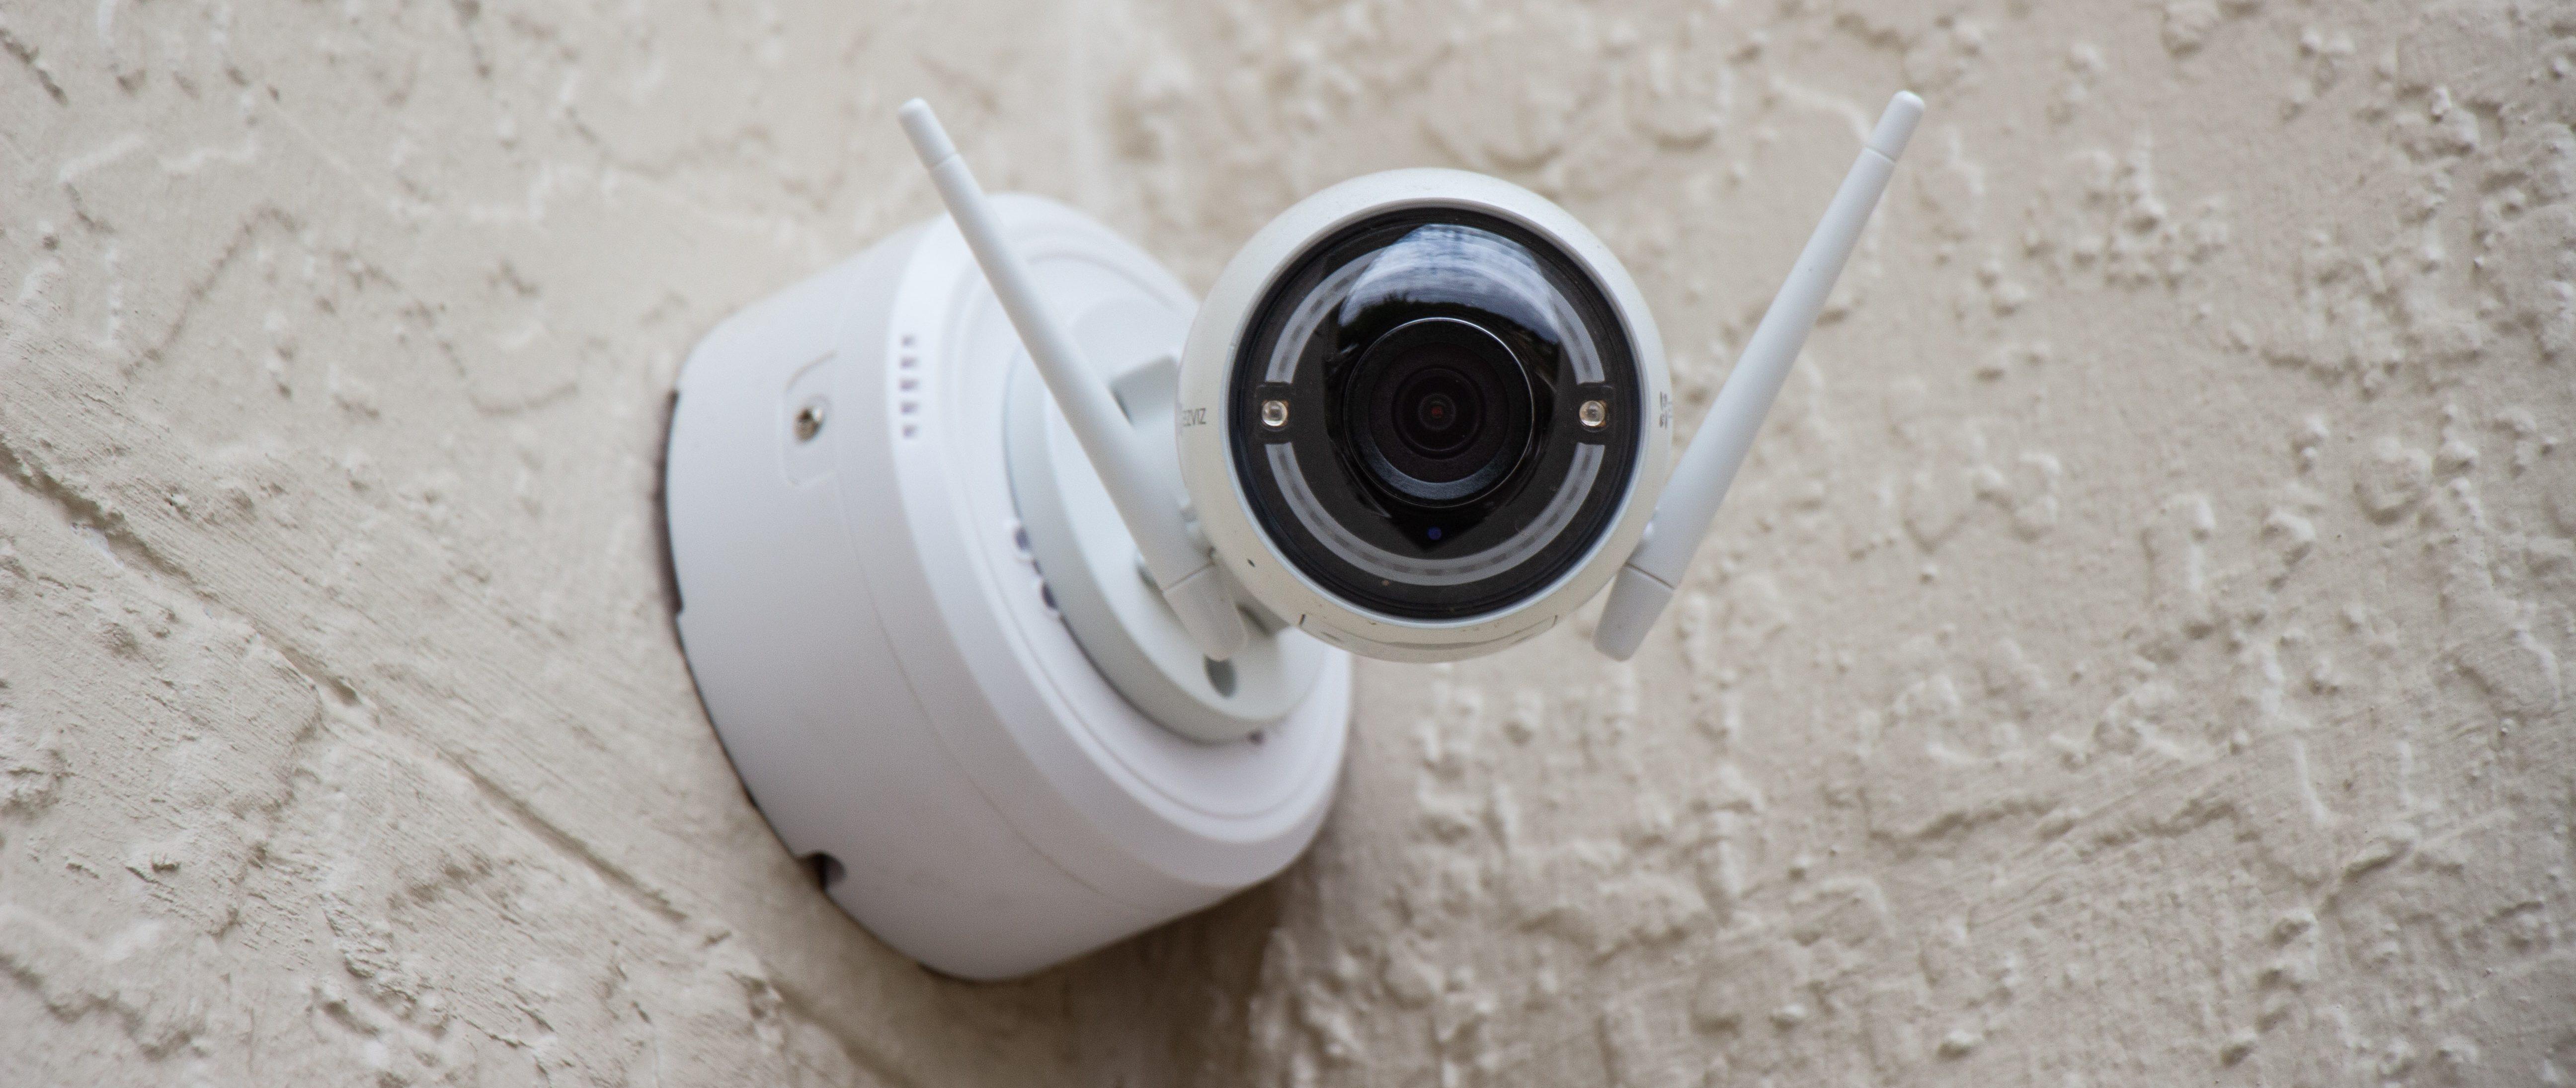 Лучшие приложения для IP-камер